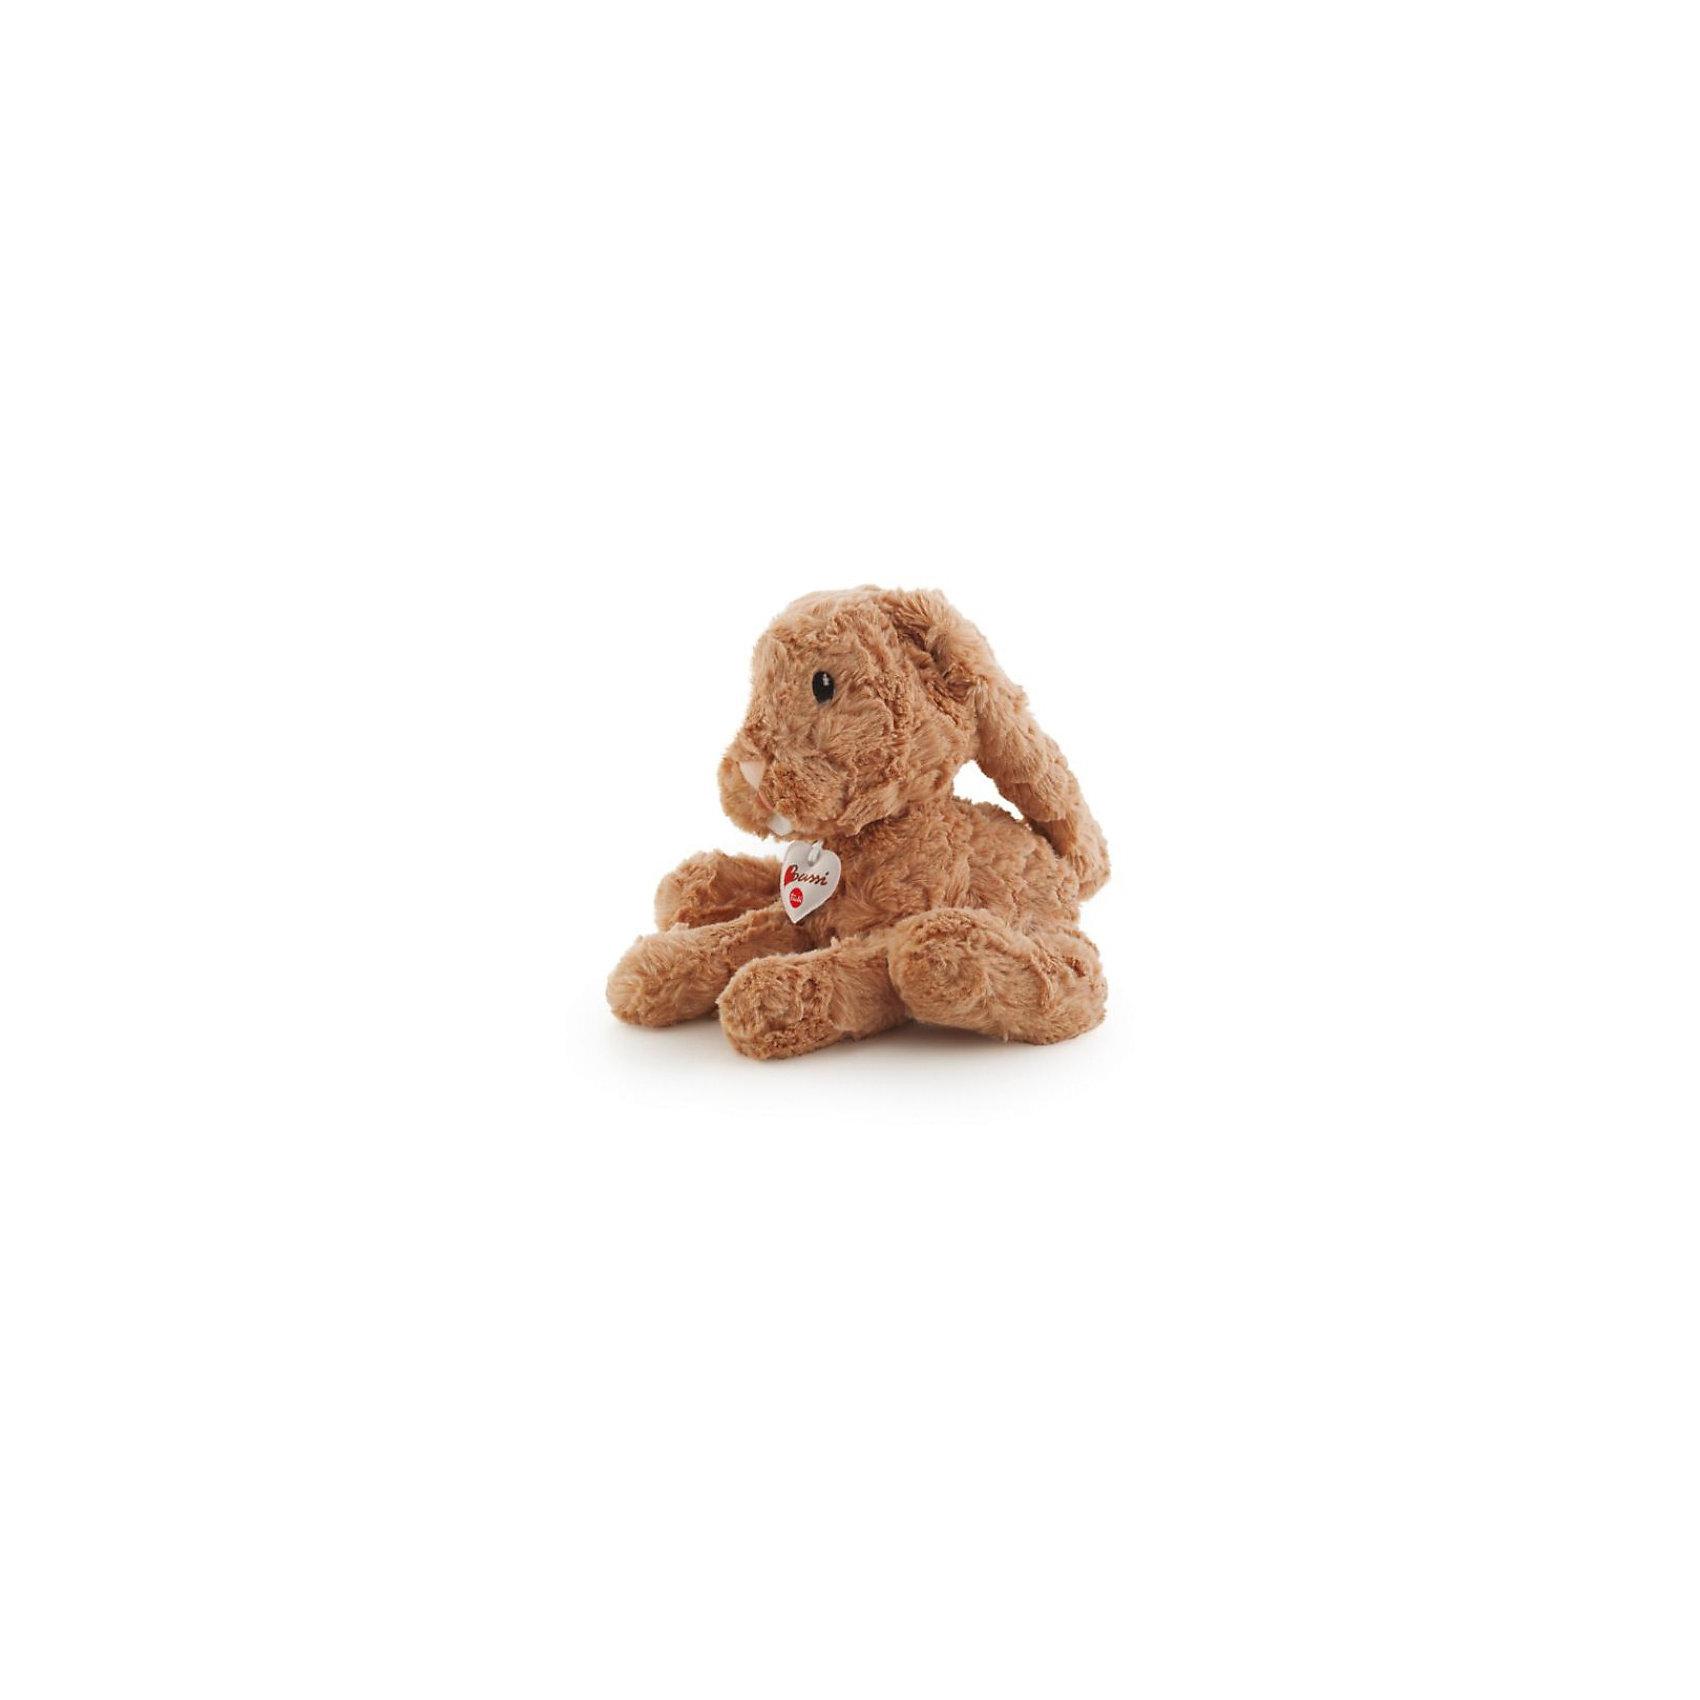 Бежевый зайчик, 38 см, TrudiЗайцы и кролики<br>Бежевый зайчик от итальянского бренда Trudi станет вашим домашним любимцем. Игрушка очень мягкая. Зайчик изготовлен из качественные экологичных и гипоаллергенных материалов, полностью безопасных для крохи. Этот милый зайчик займет достойное место у вас дома!<br><br>Дополнительная информация:<br>Материал: плюш, искусственный мех, наполнитель<br>Размер упаковки: 19х14х38 см<br>Размер игрушки: 38 см<br><br>Бежевого зайчика, Trudi вы можете приобрести в нашем интернет-магазине.<br><br>Ширина мм: 305<br>Глубина мм: 190<br>Высота мм: 132<br>Вес г: 289<br>Возраст от месяцев: 12<br>Возраст до месяцев: 60<br>Пол: Унисекс<br>Возраст: Детский<br>SKU: 3749412